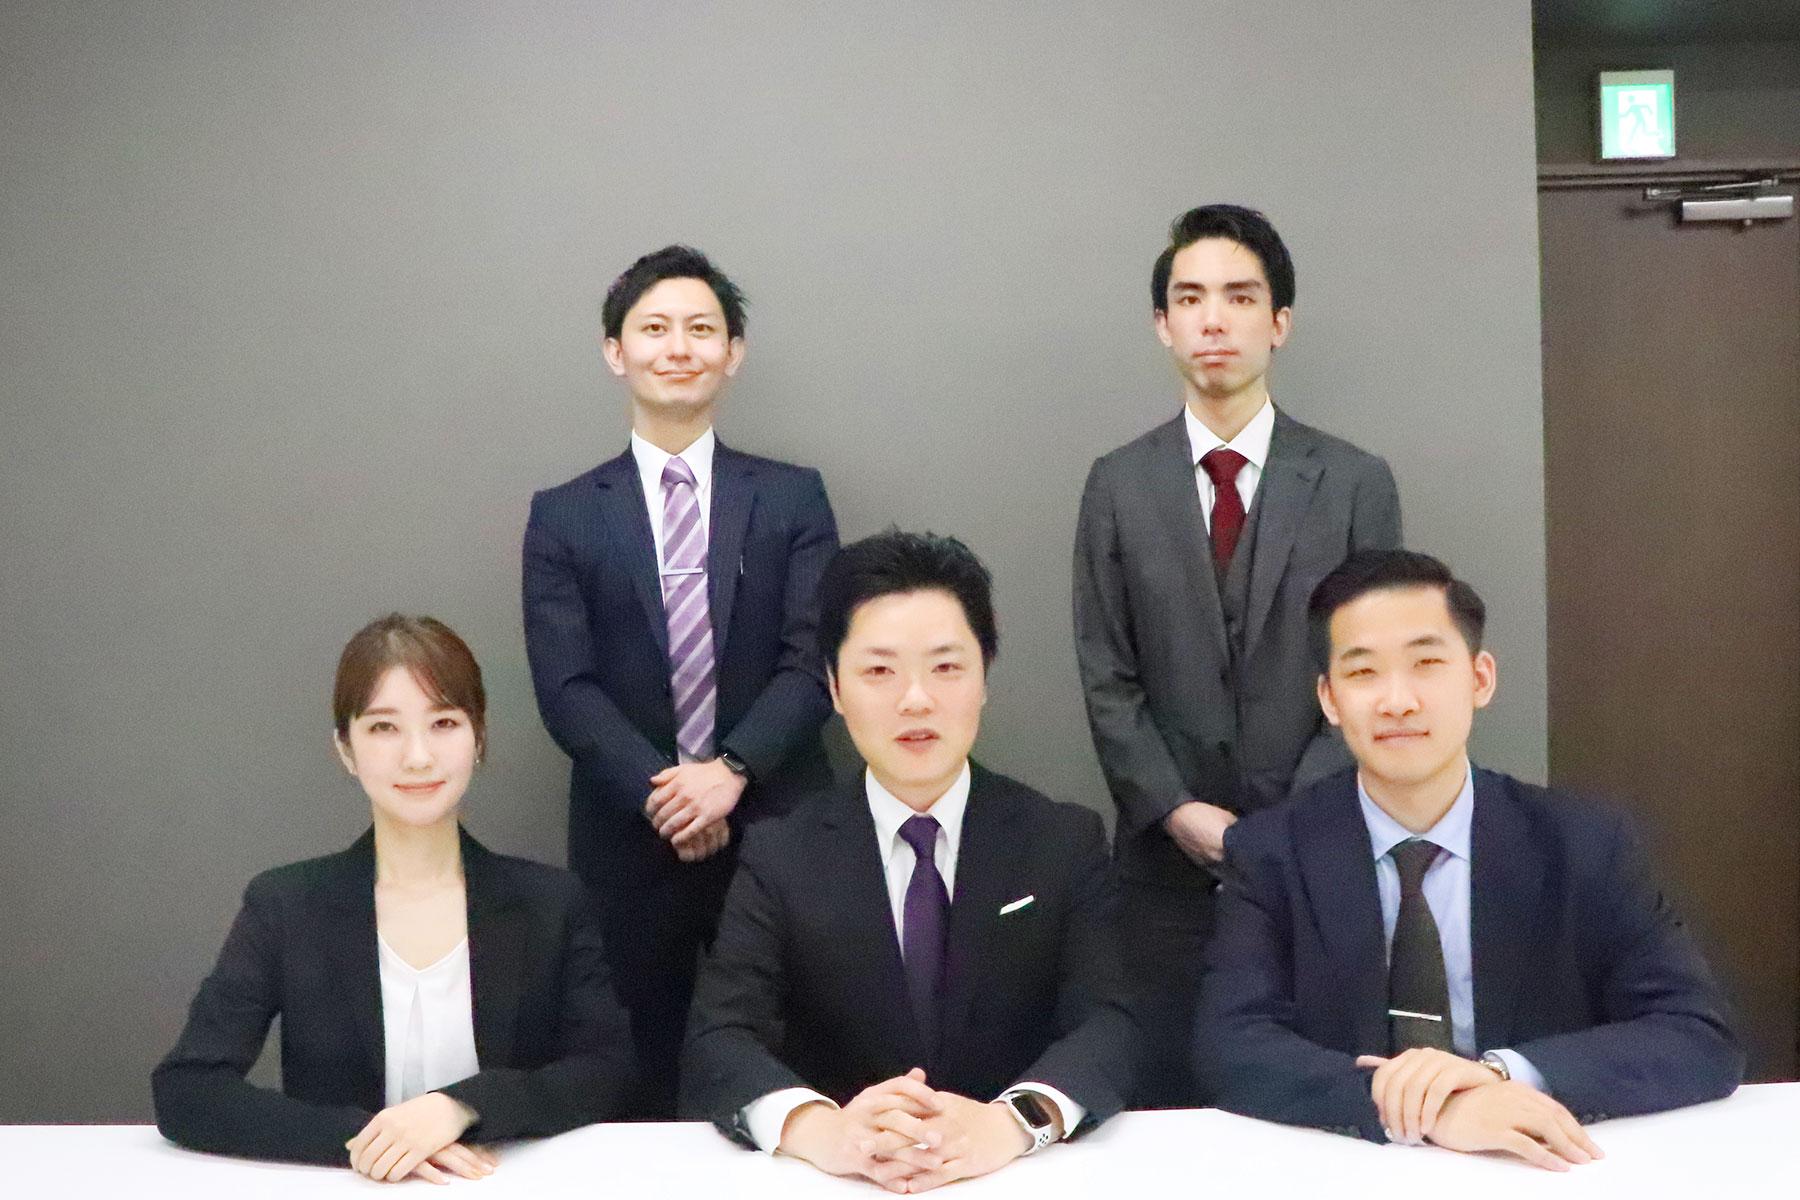 ビジョン 株式 コンサルティング 会社